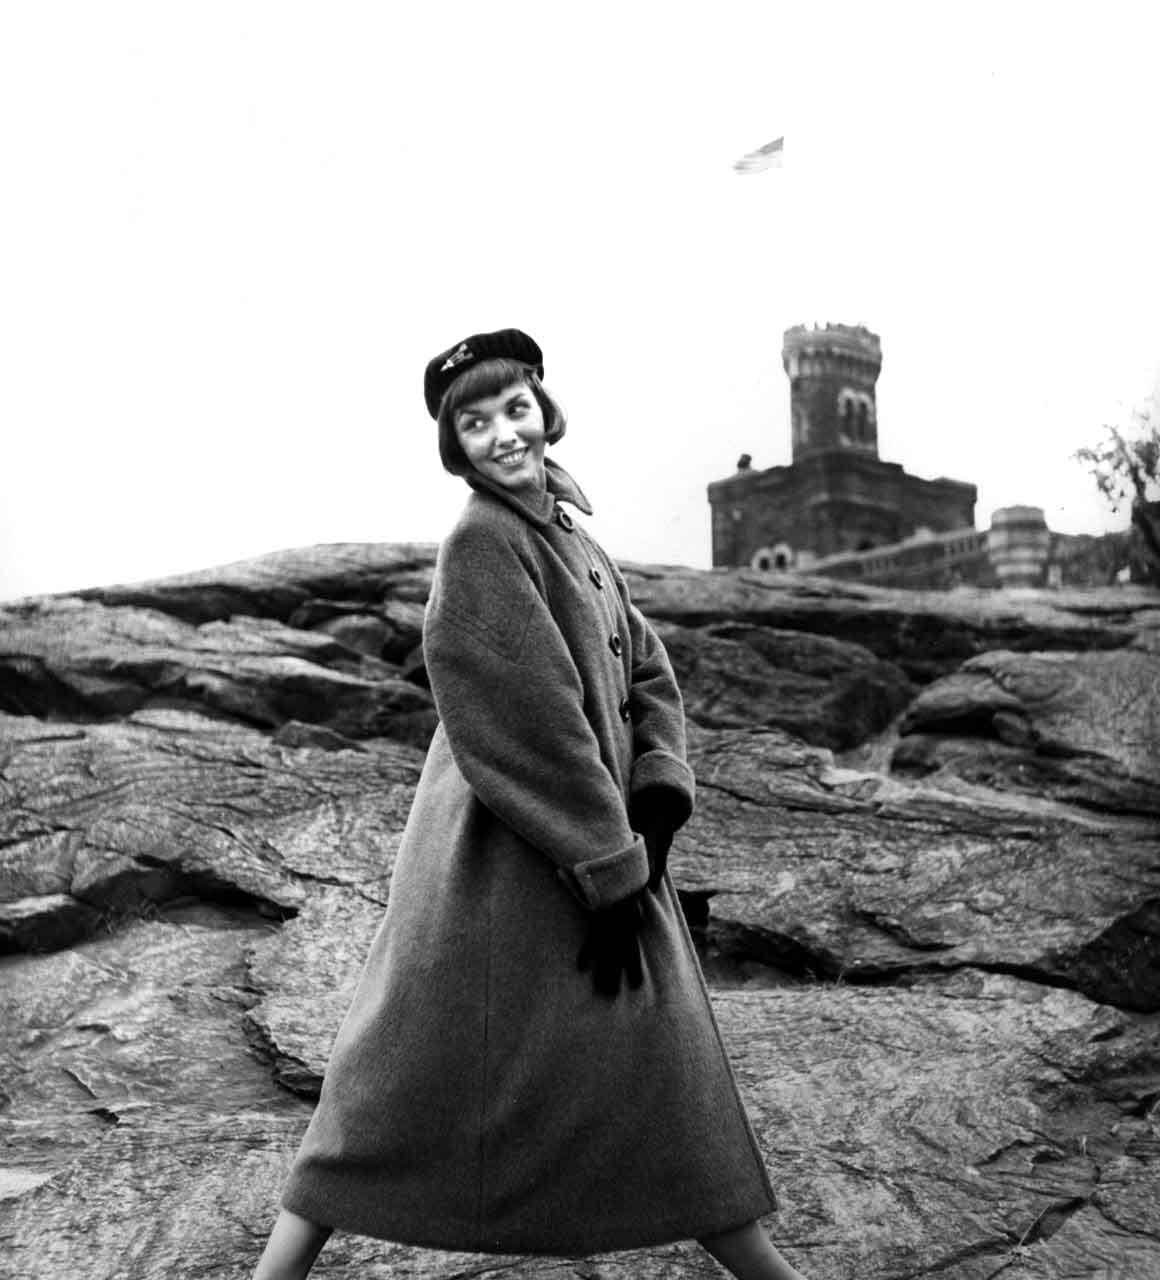 13_56_Model wearing a long coat and hat posing outdoors_Dan Wynn Archive.jpg